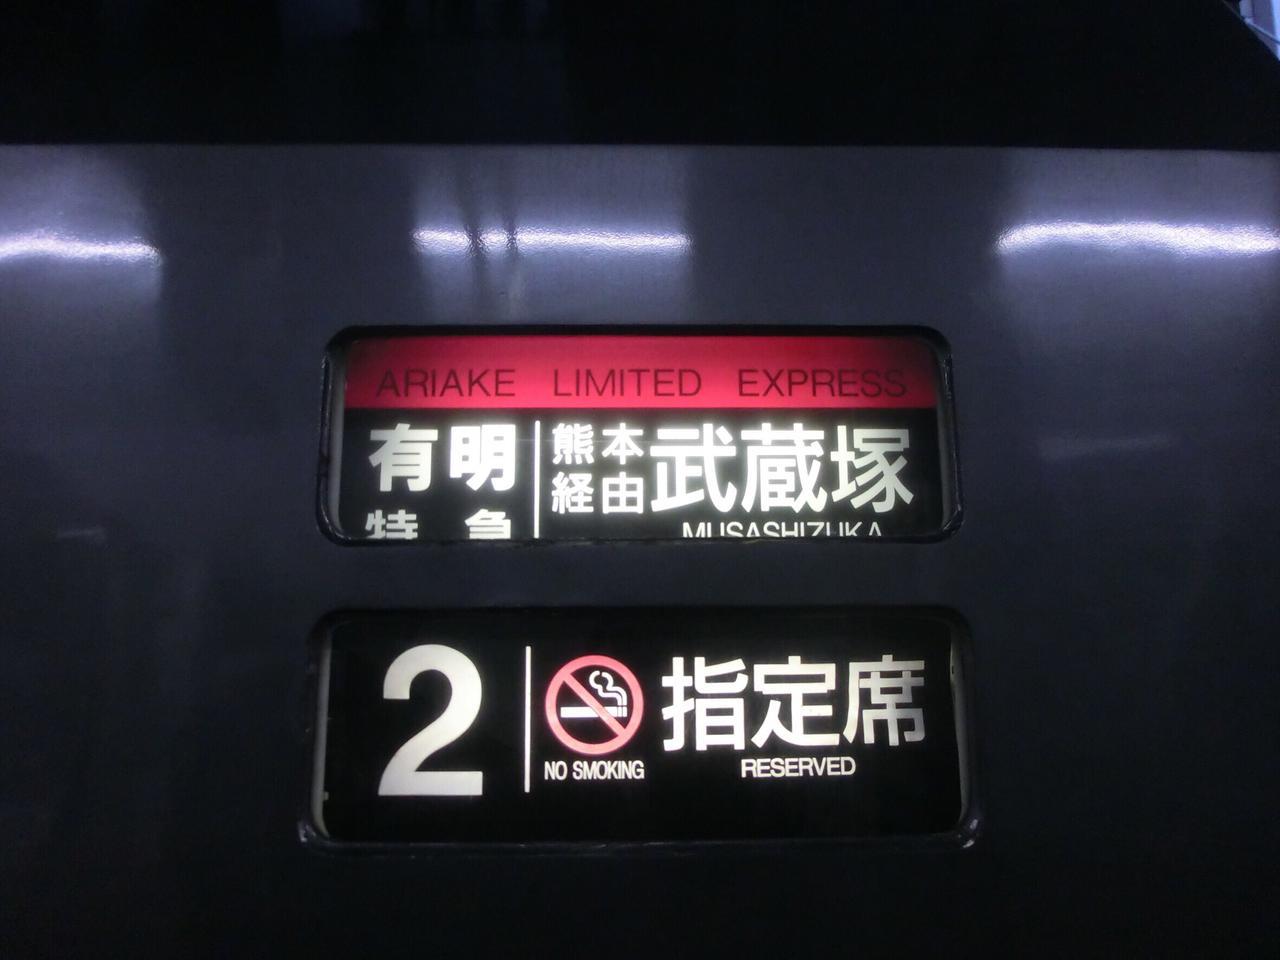 画像: 現在も始発駅・終着駅における行き先表示器回転「幕回し」の際に見ることができる。/ 弊社社員鈴木 悠斗撮影